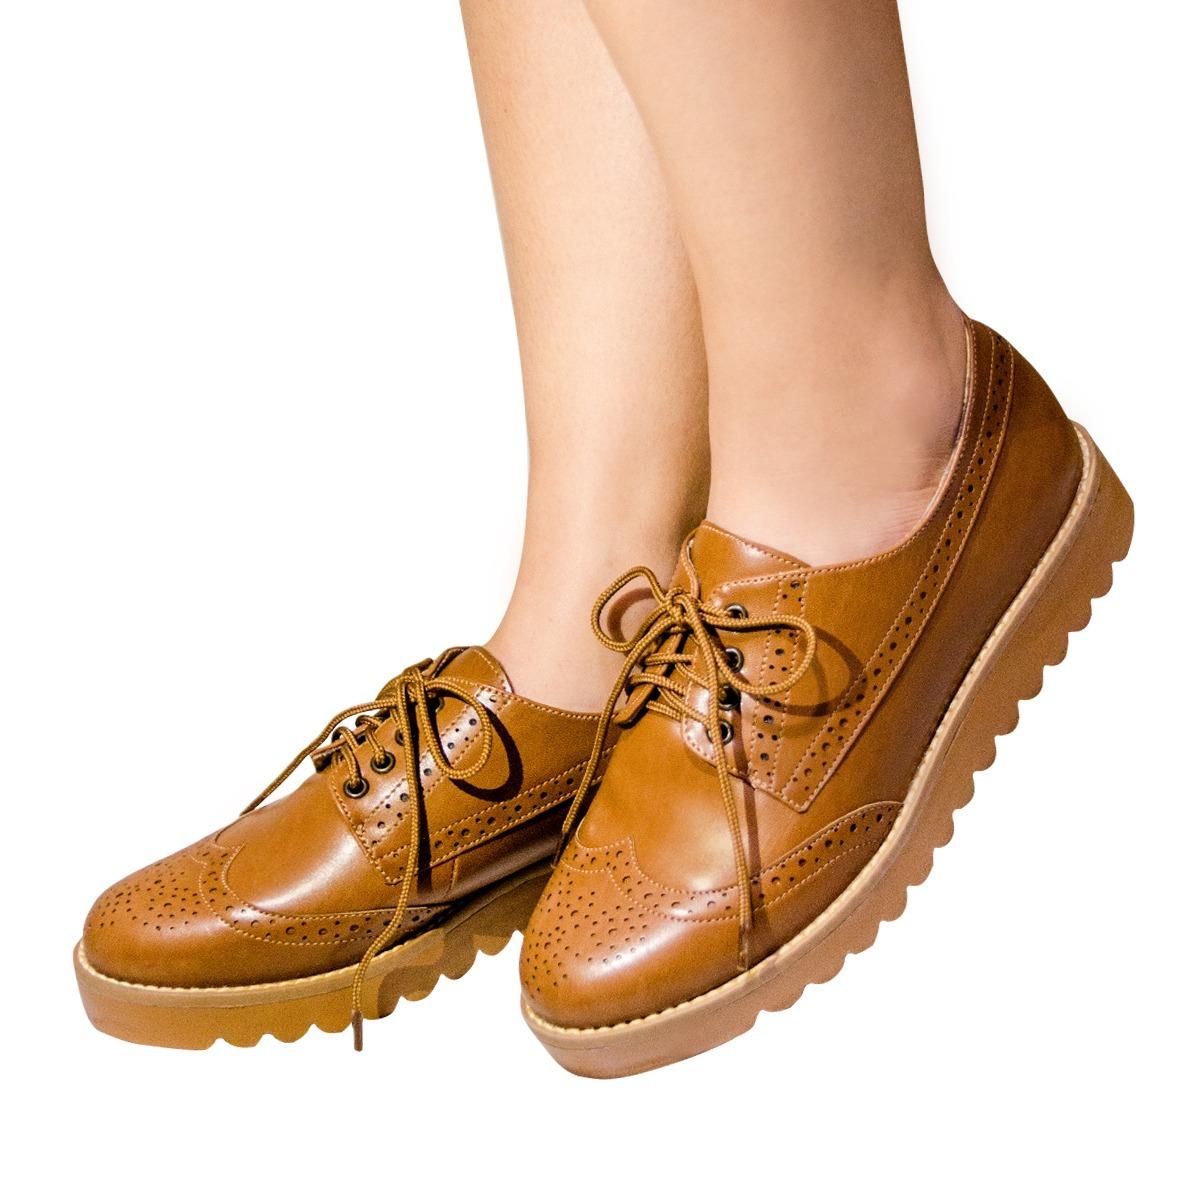 11bb909f9c Carregando zoom... oxford feminino sapato. Carregando zoom... sapato oxford  feminino sola tratorada marrom ref 1103